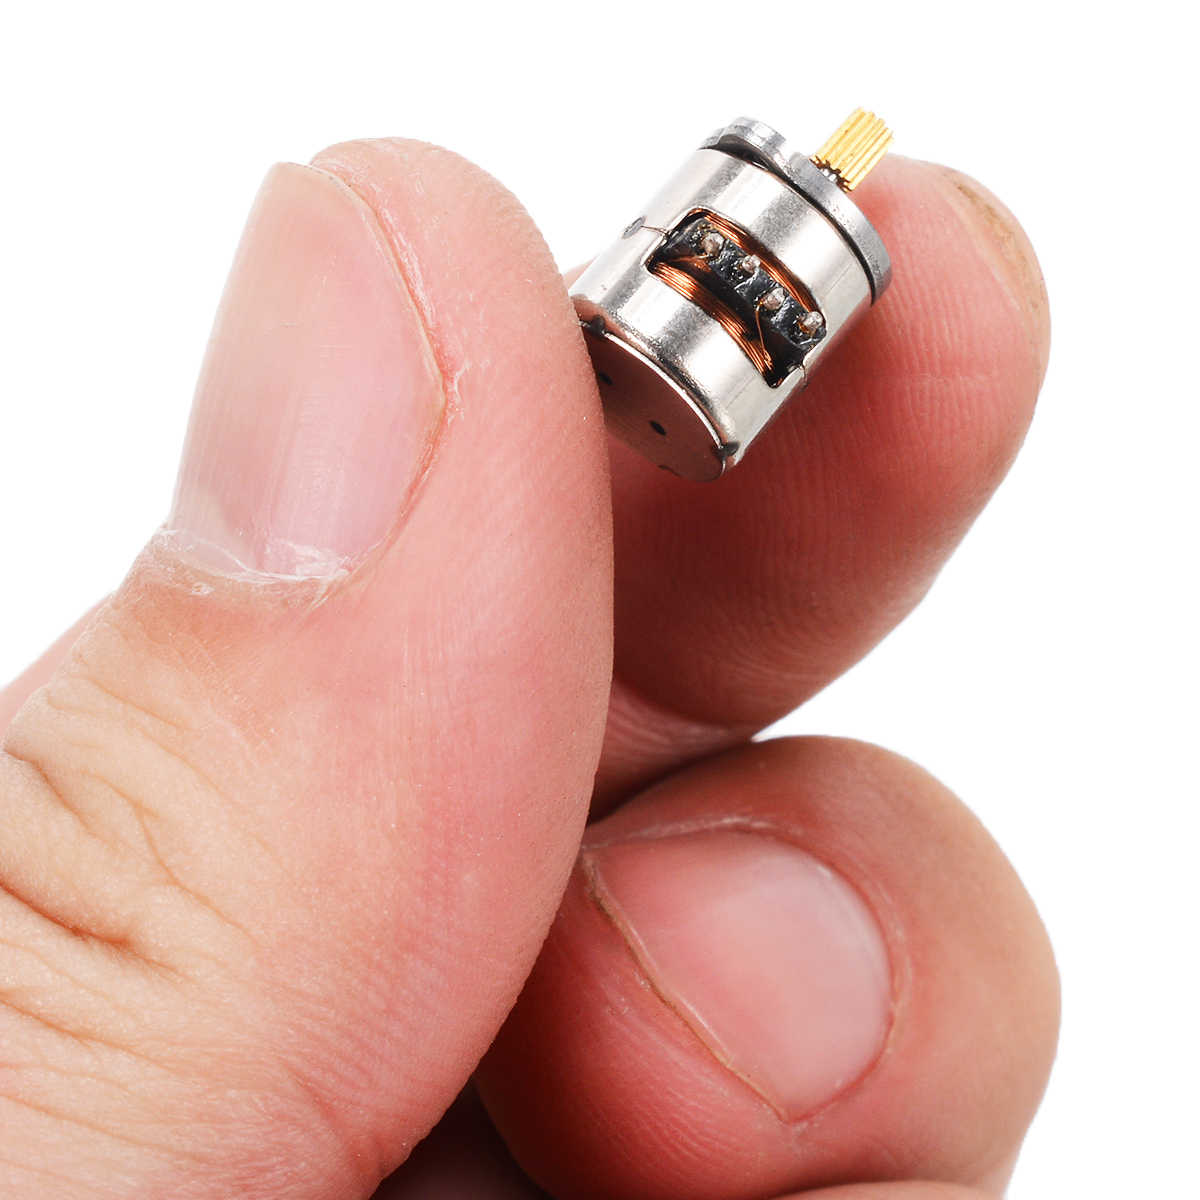 1 sztuk Mini mikro silnik krokowy 2-fazy 4-wire silnik krokowy z miedziana zębatka 8x9.2mm do części silnika akcesoria